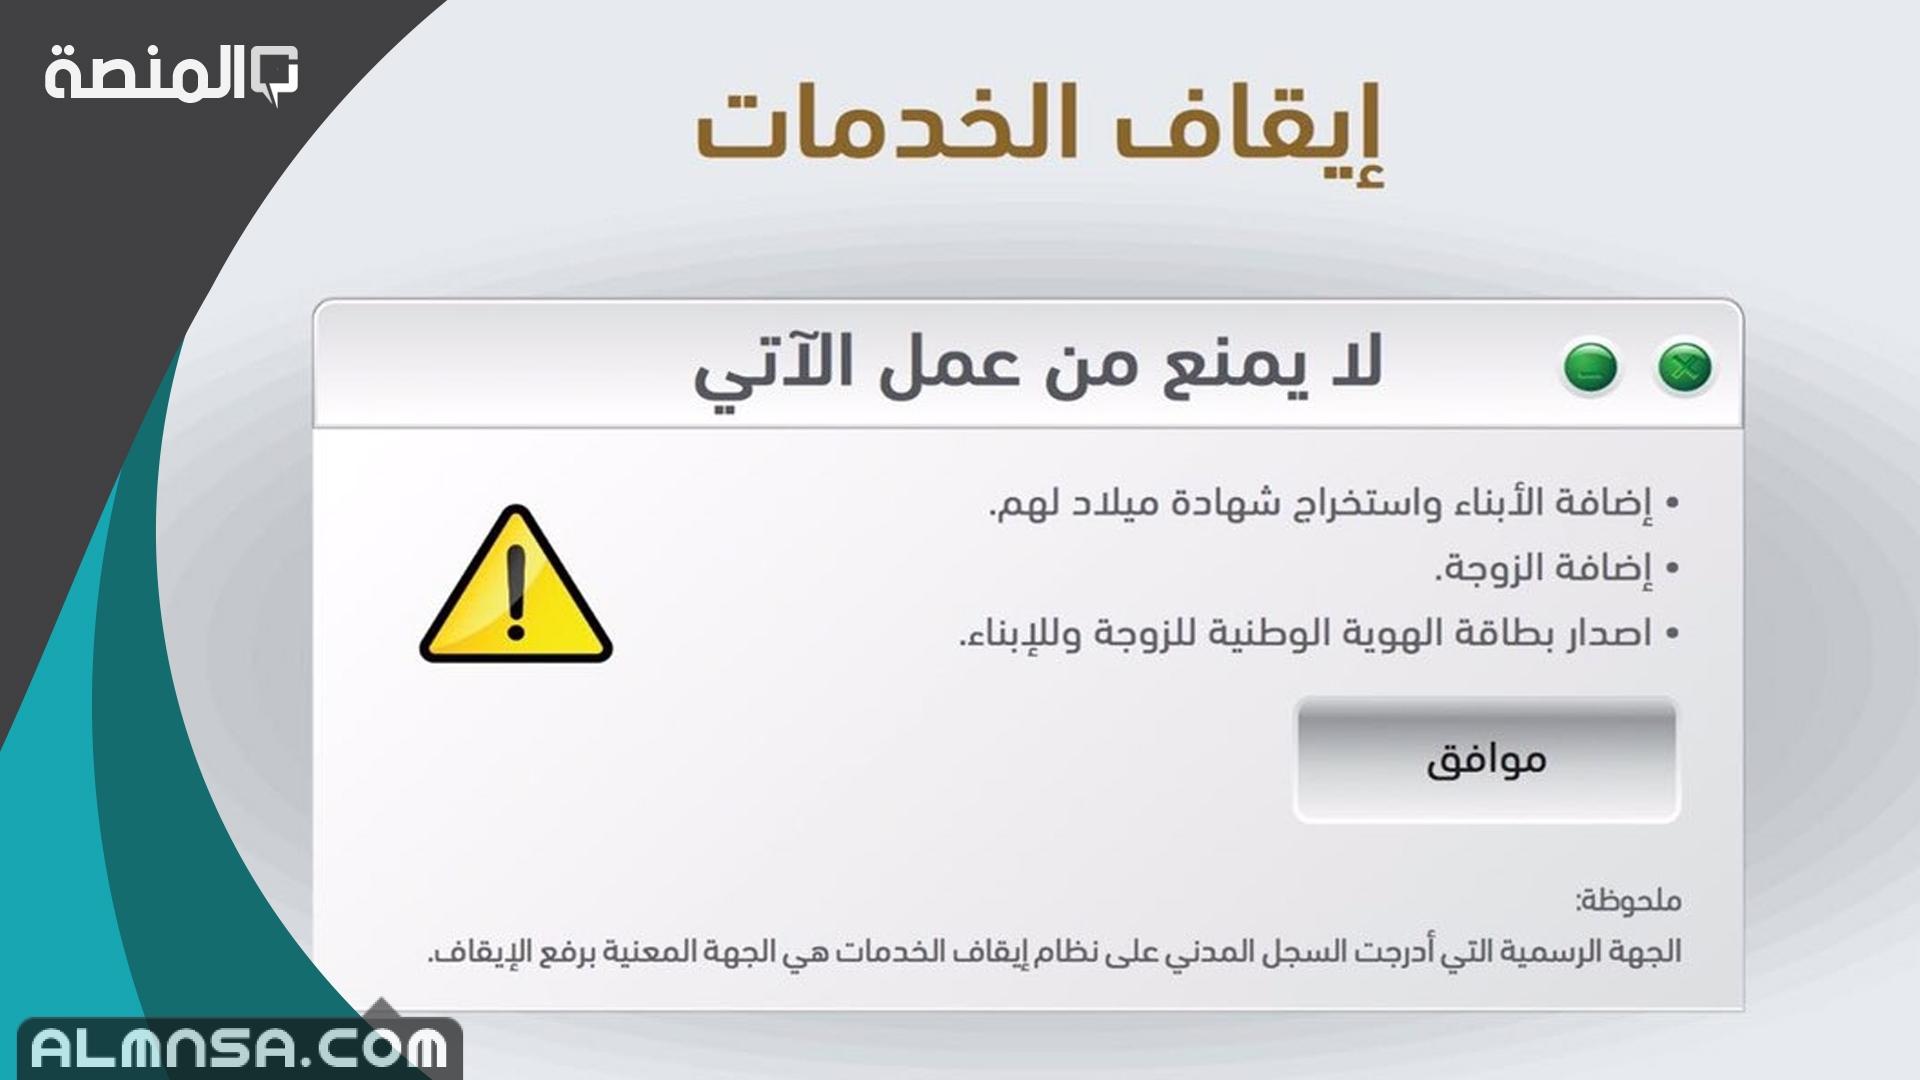 خطوات رفع إيقاف الخدمات إلكترونيا المنصة